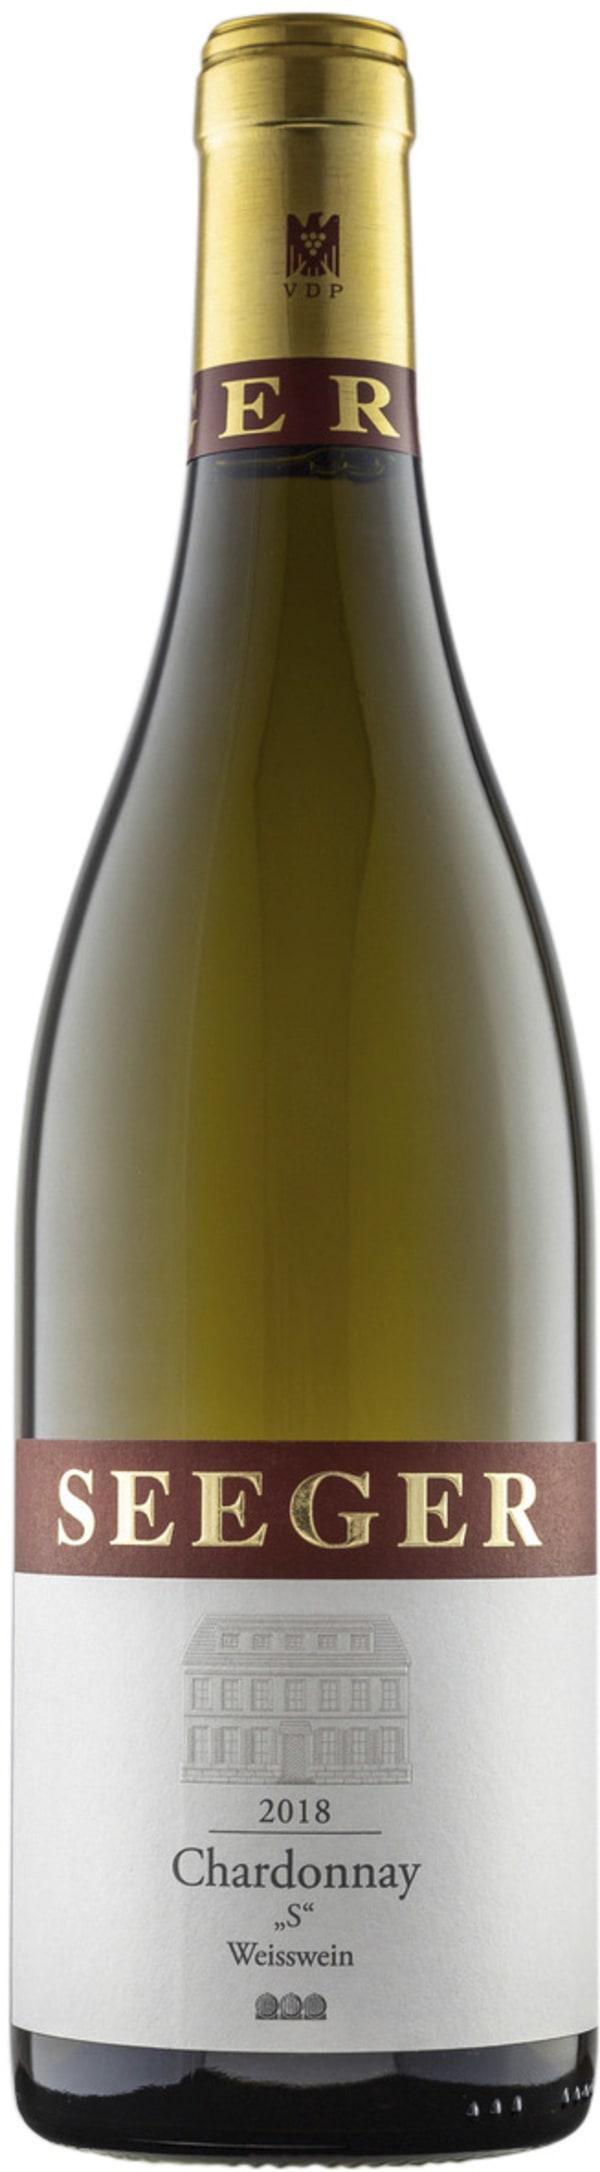 Seeger Chardonnay S Trocken 2018